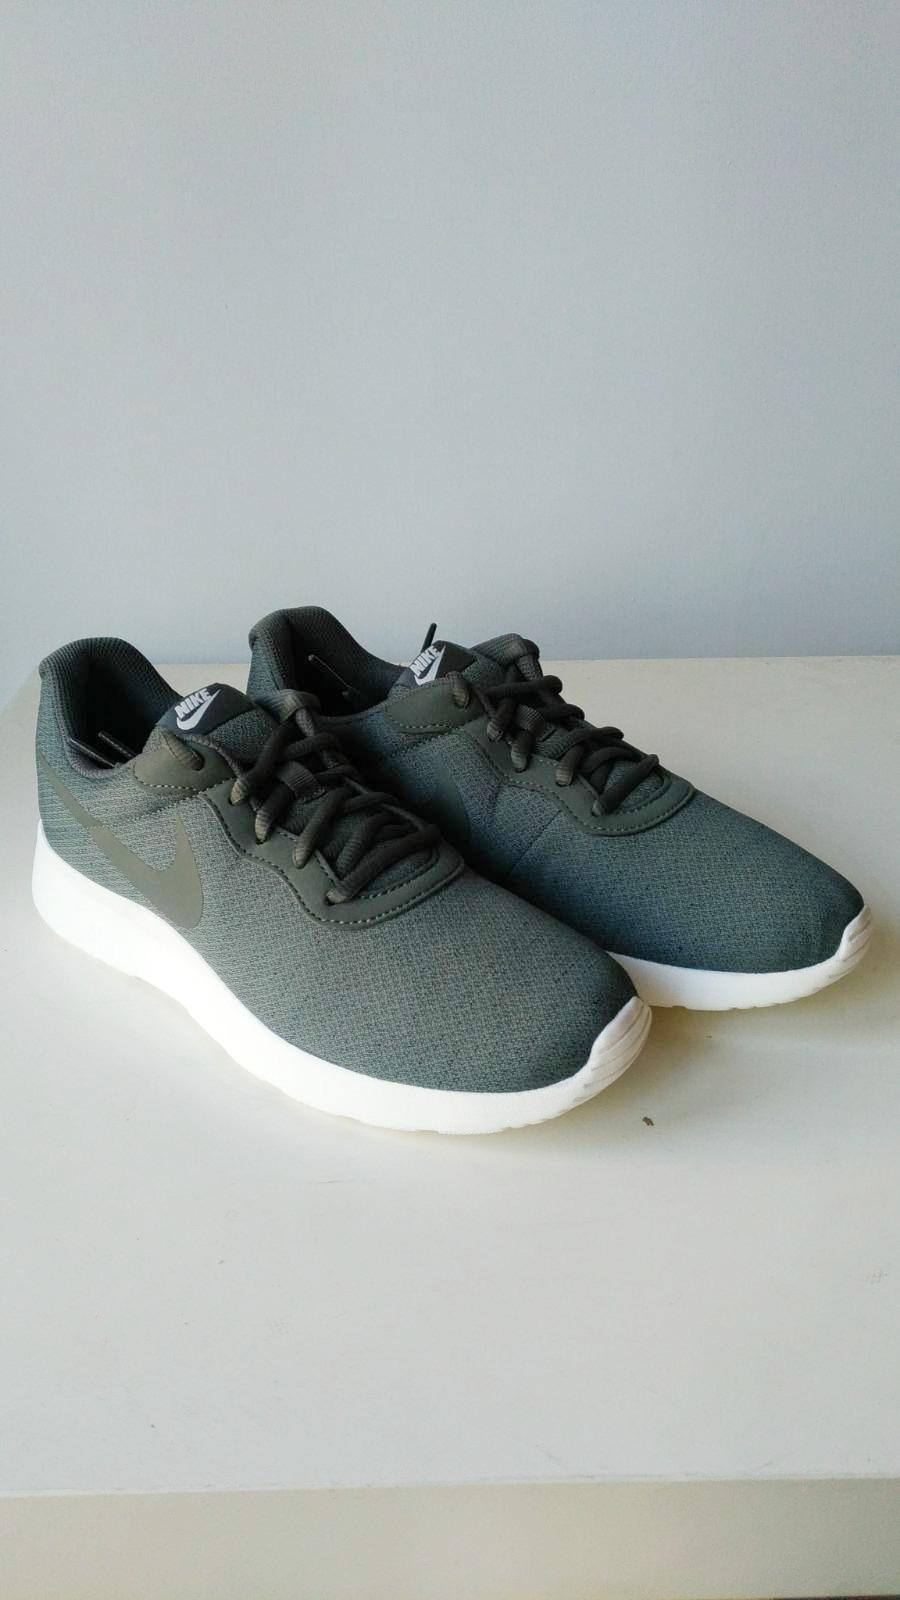 Nike Scarpe Sneakers Trainers Sportive Ginnastica Tennis Grigio verde  Tanjun 8 8 di 8 Vedi Altro 41c5bd73c06